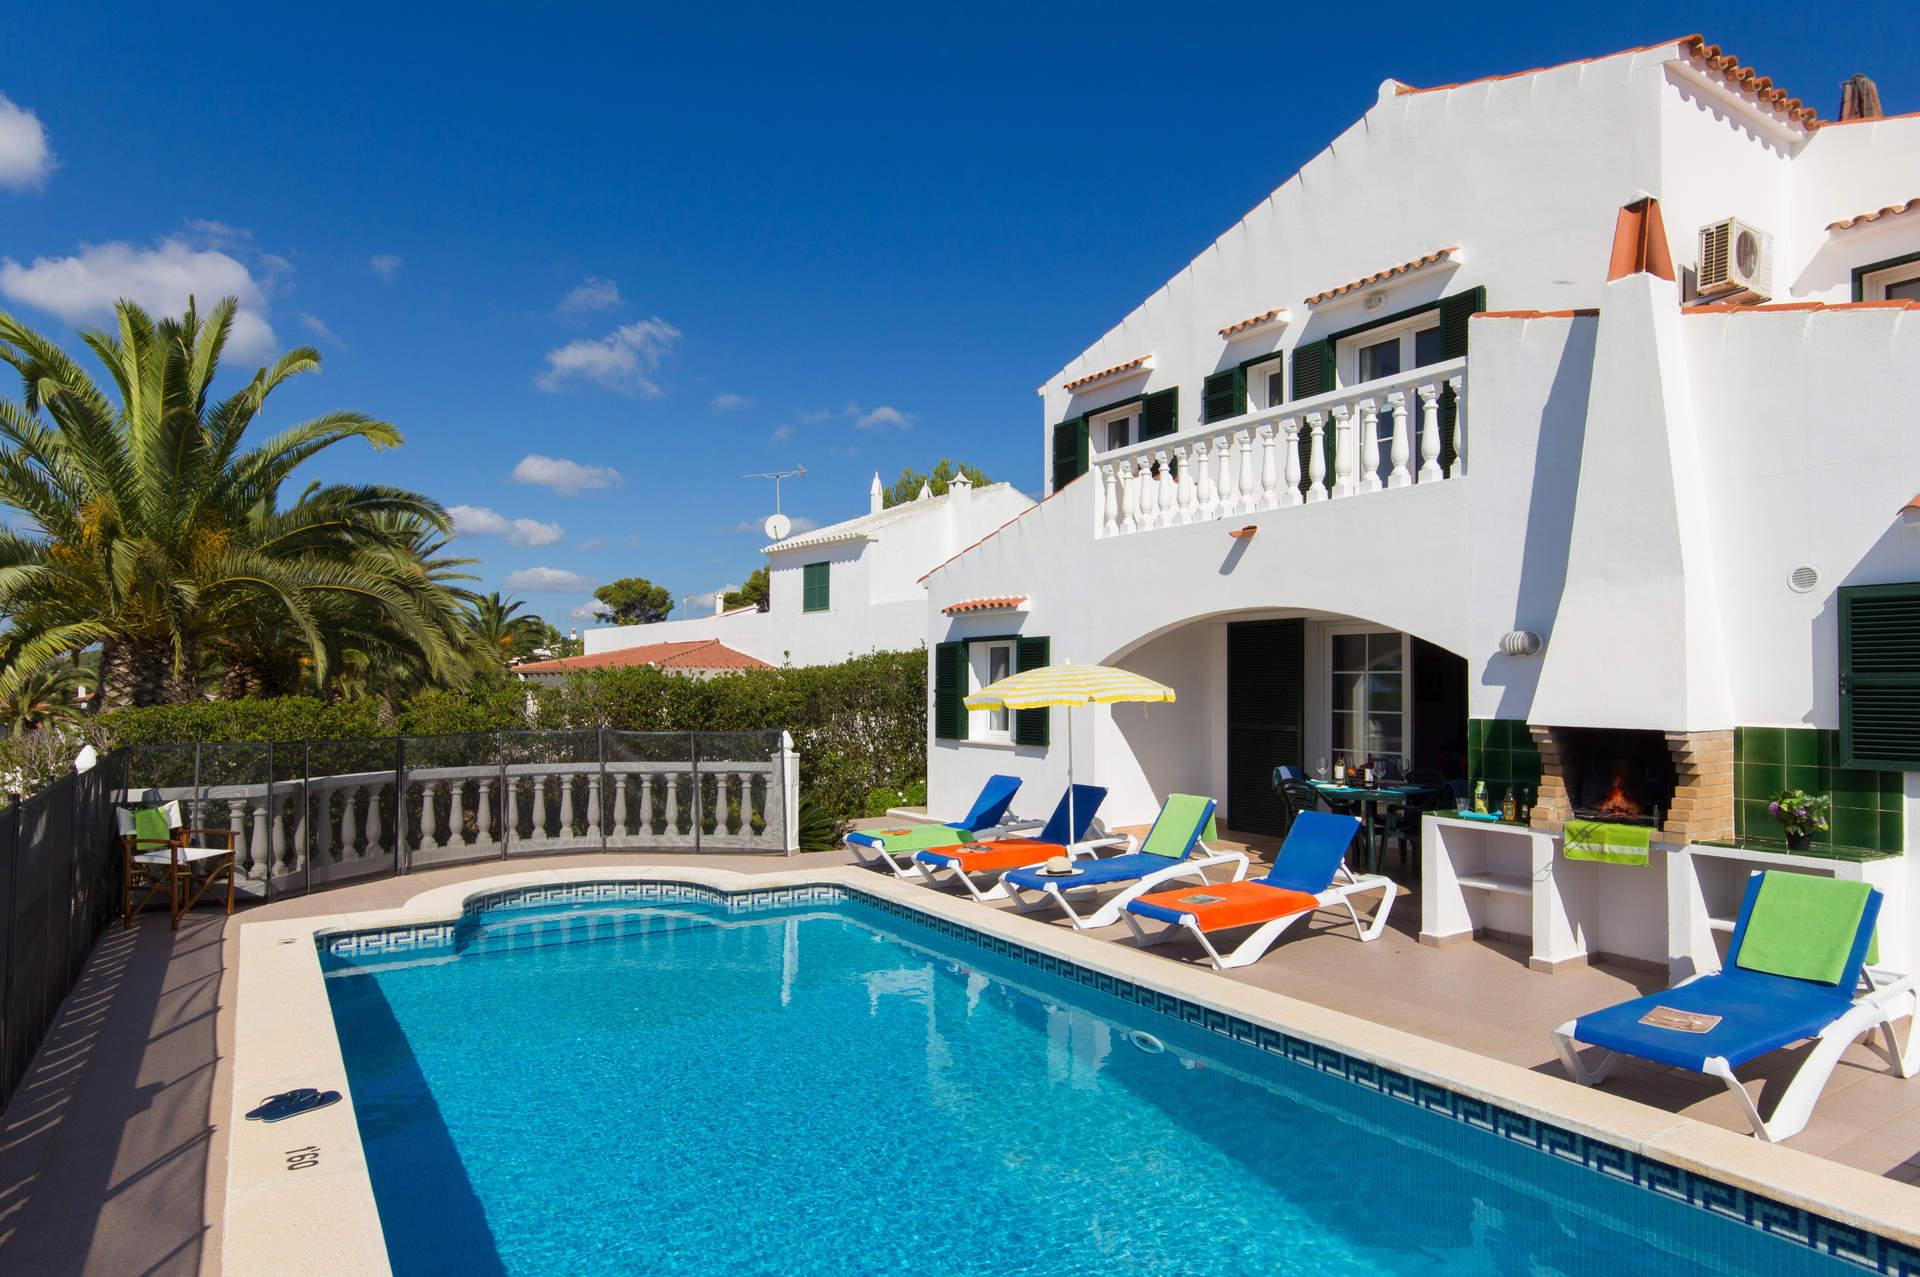 Villa Girasol, Son Bou, Menorca, Spain